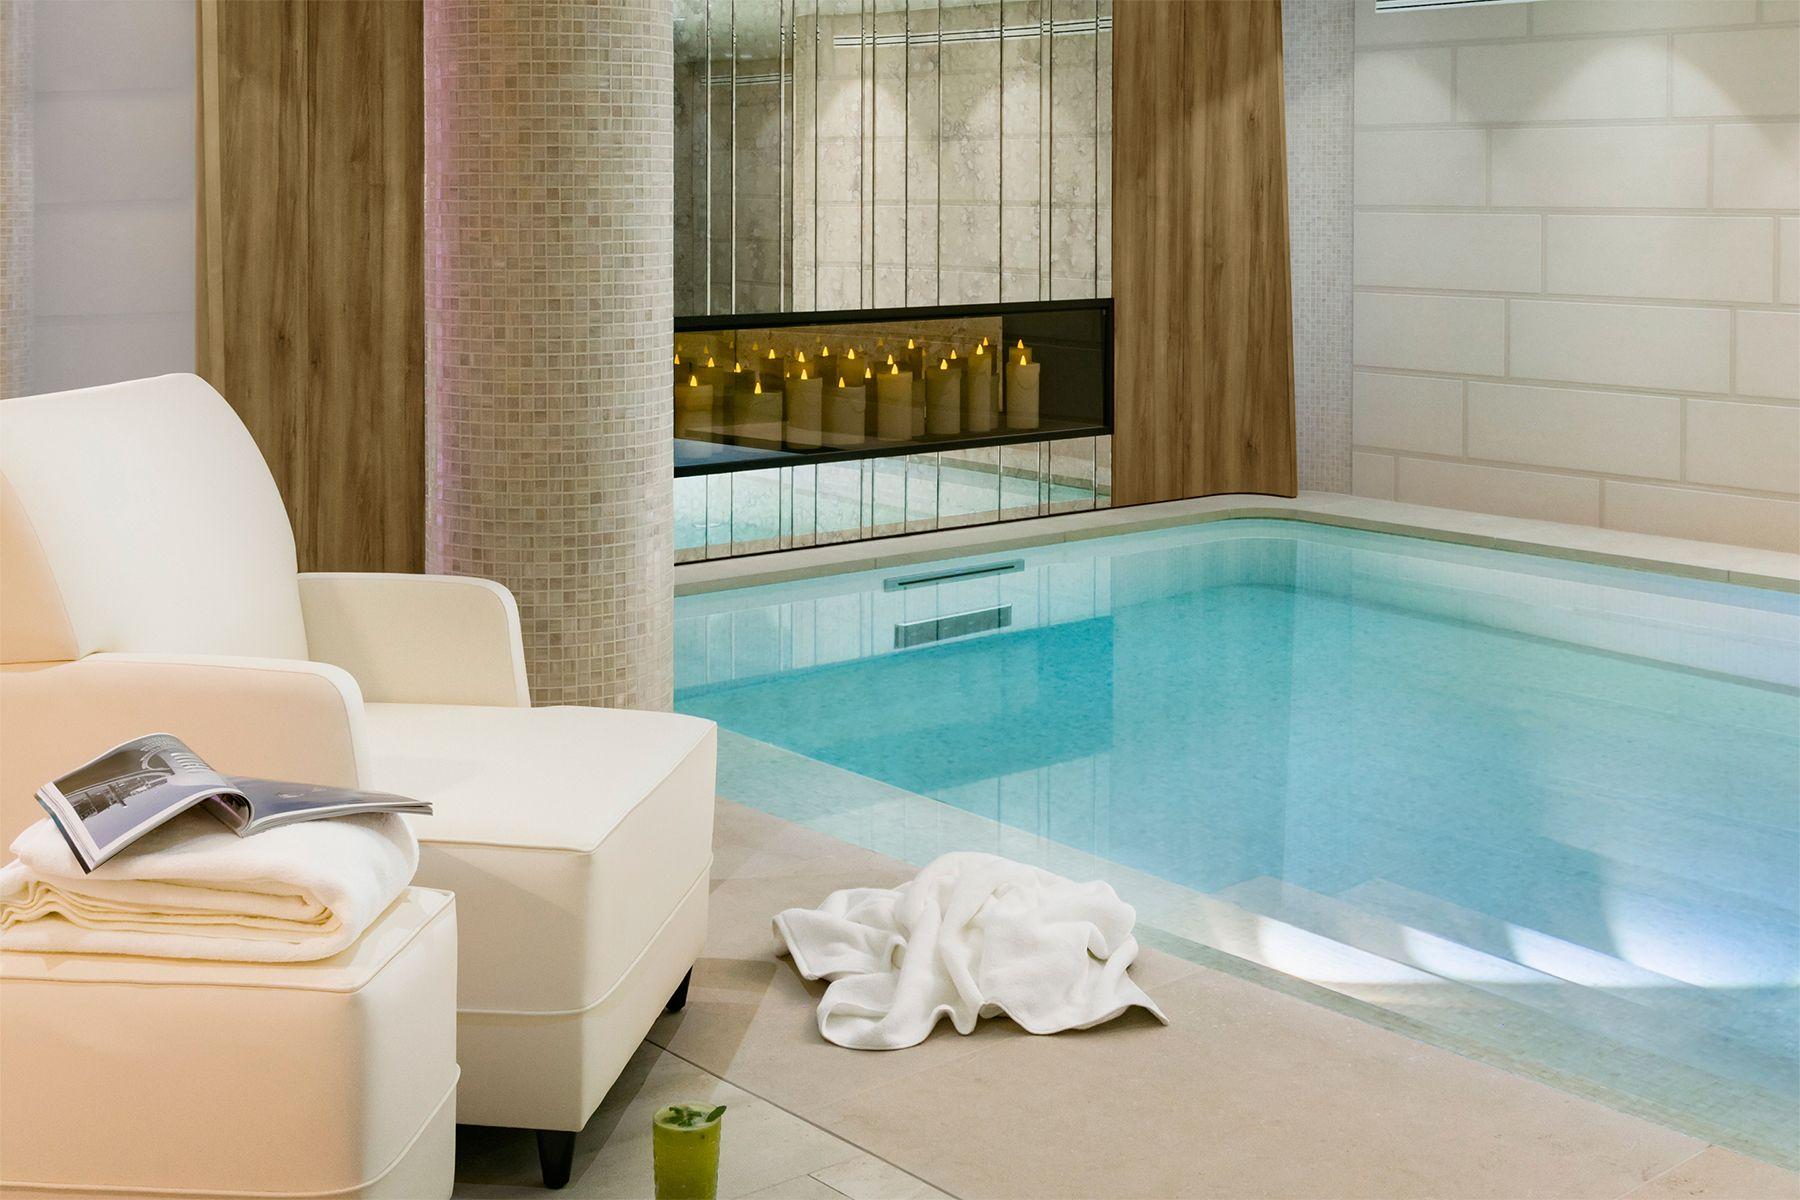 meilleurs-spa-hôtel-paris-maison-albar-céline-cinq-mondes-hammam